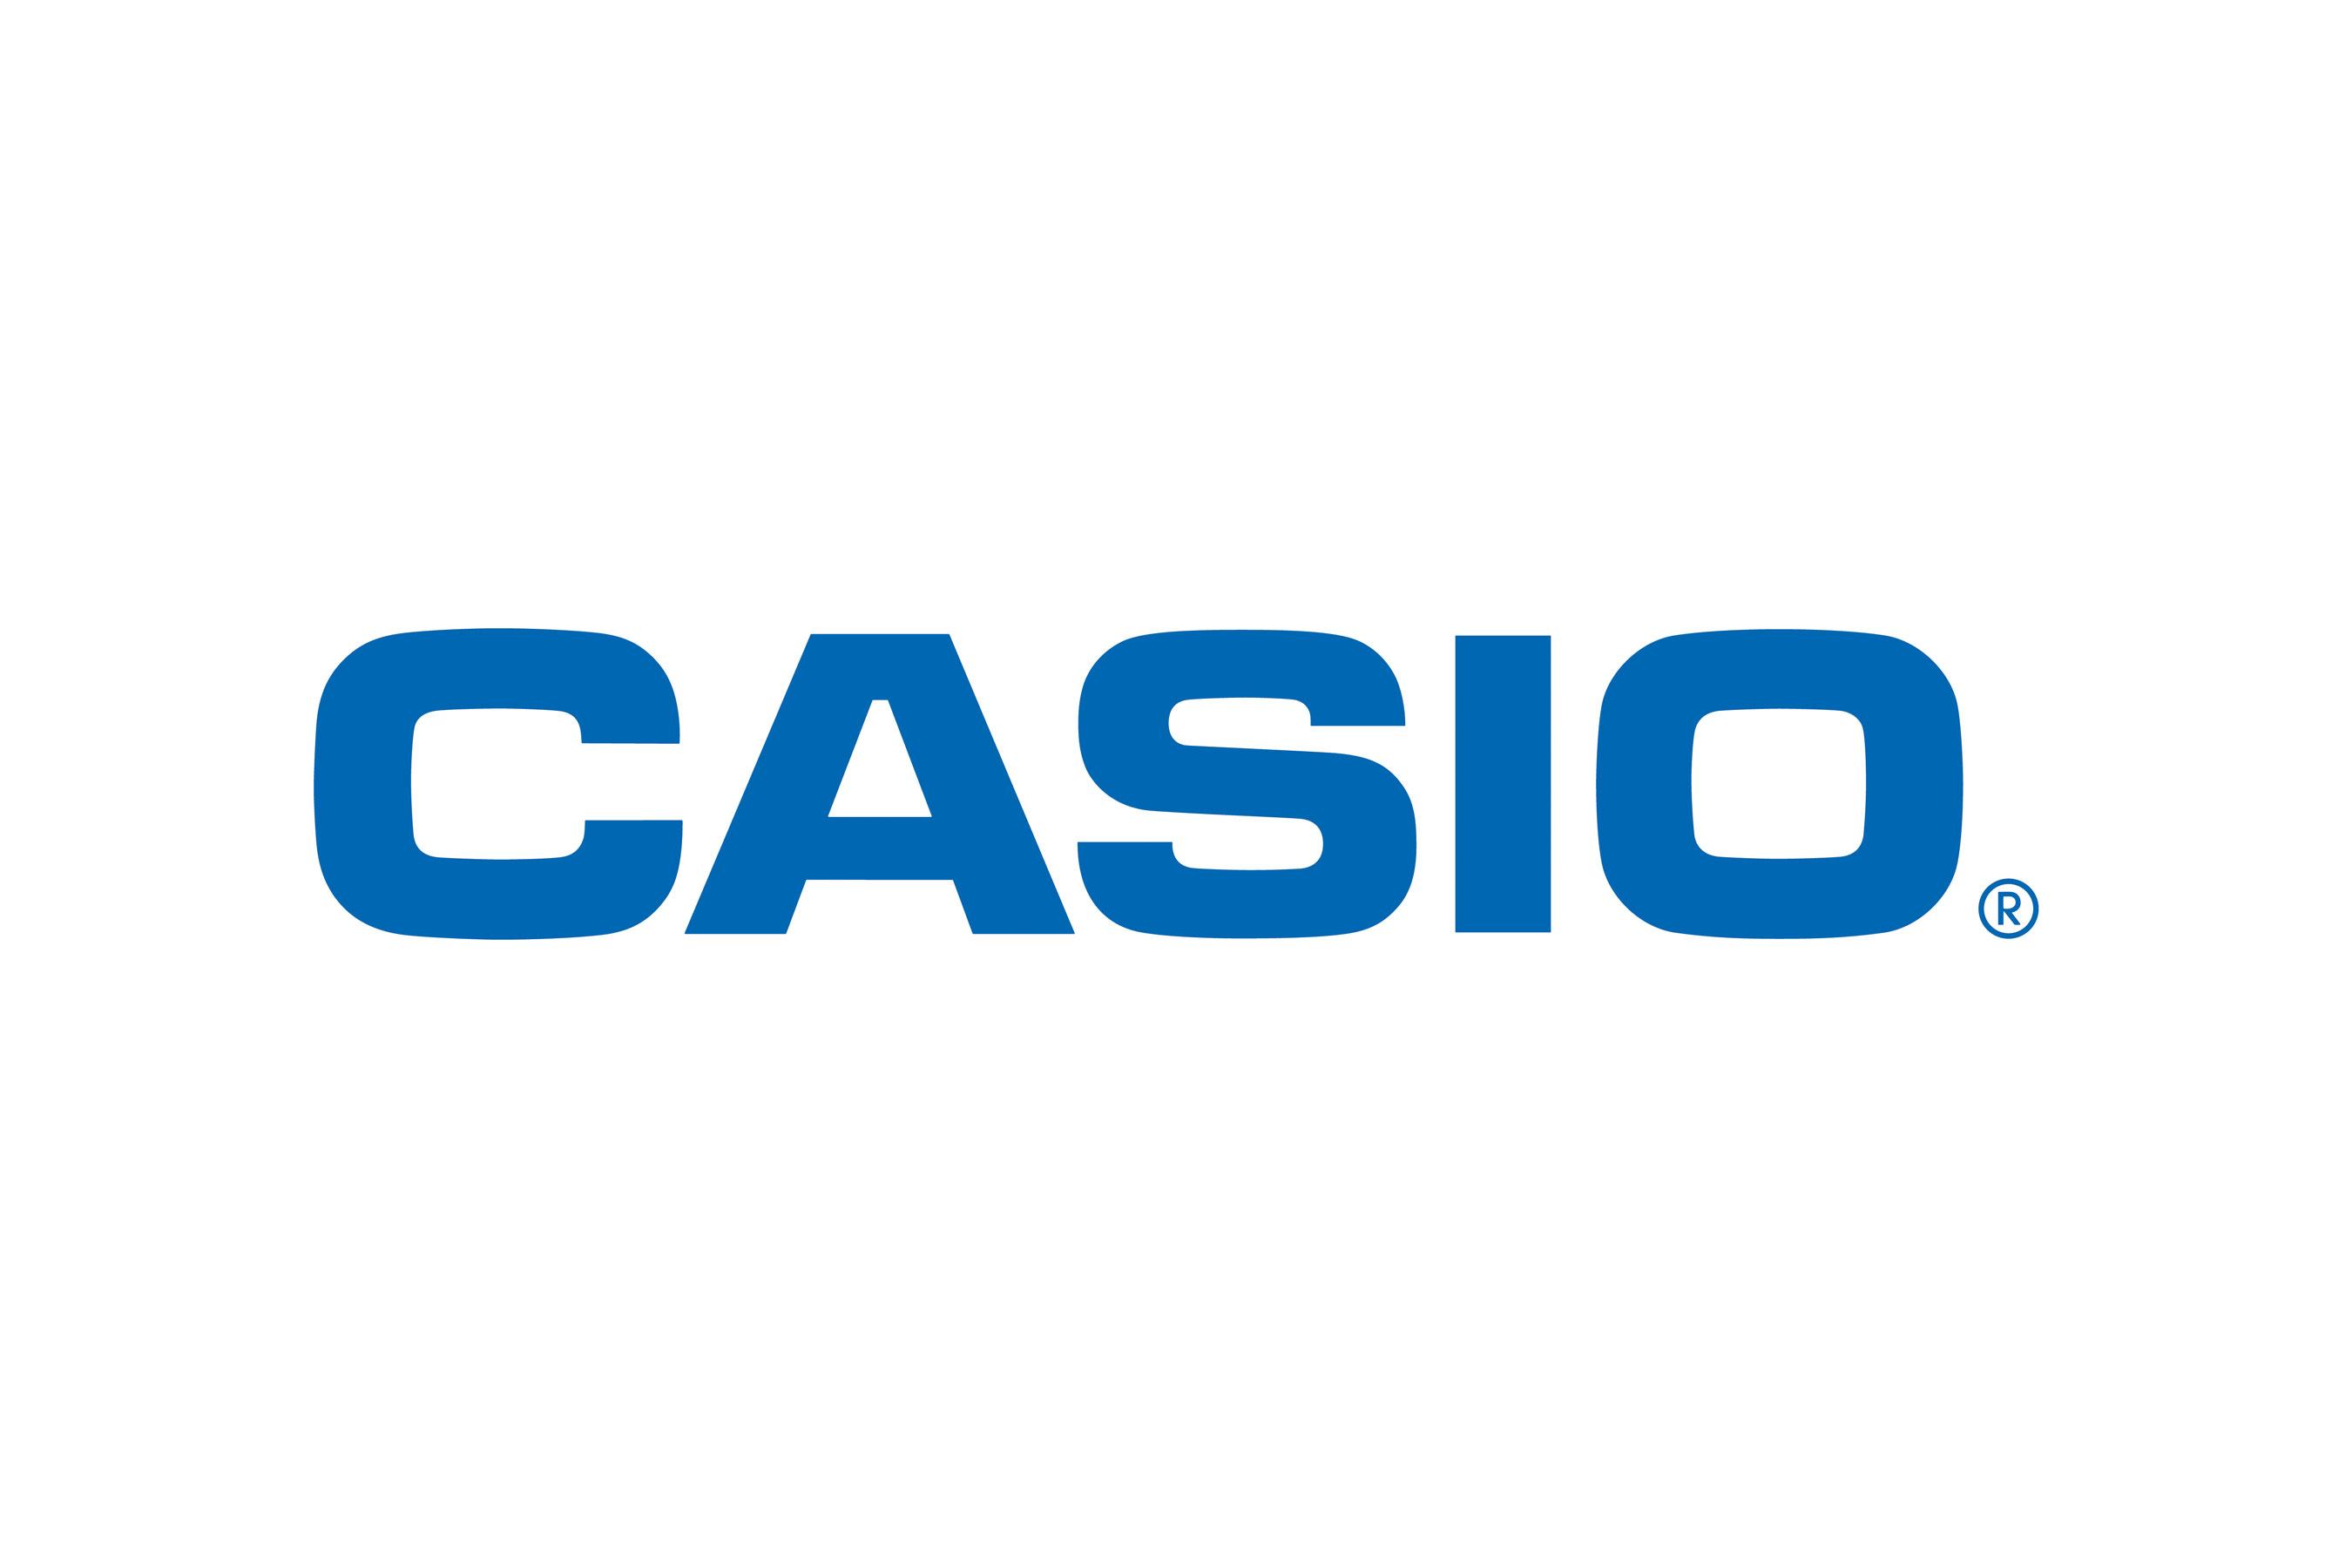 Quien no tuvo durante los 80 un Casio es probable que tampoco tuviera infancia. Los clásicos nunca mueren.